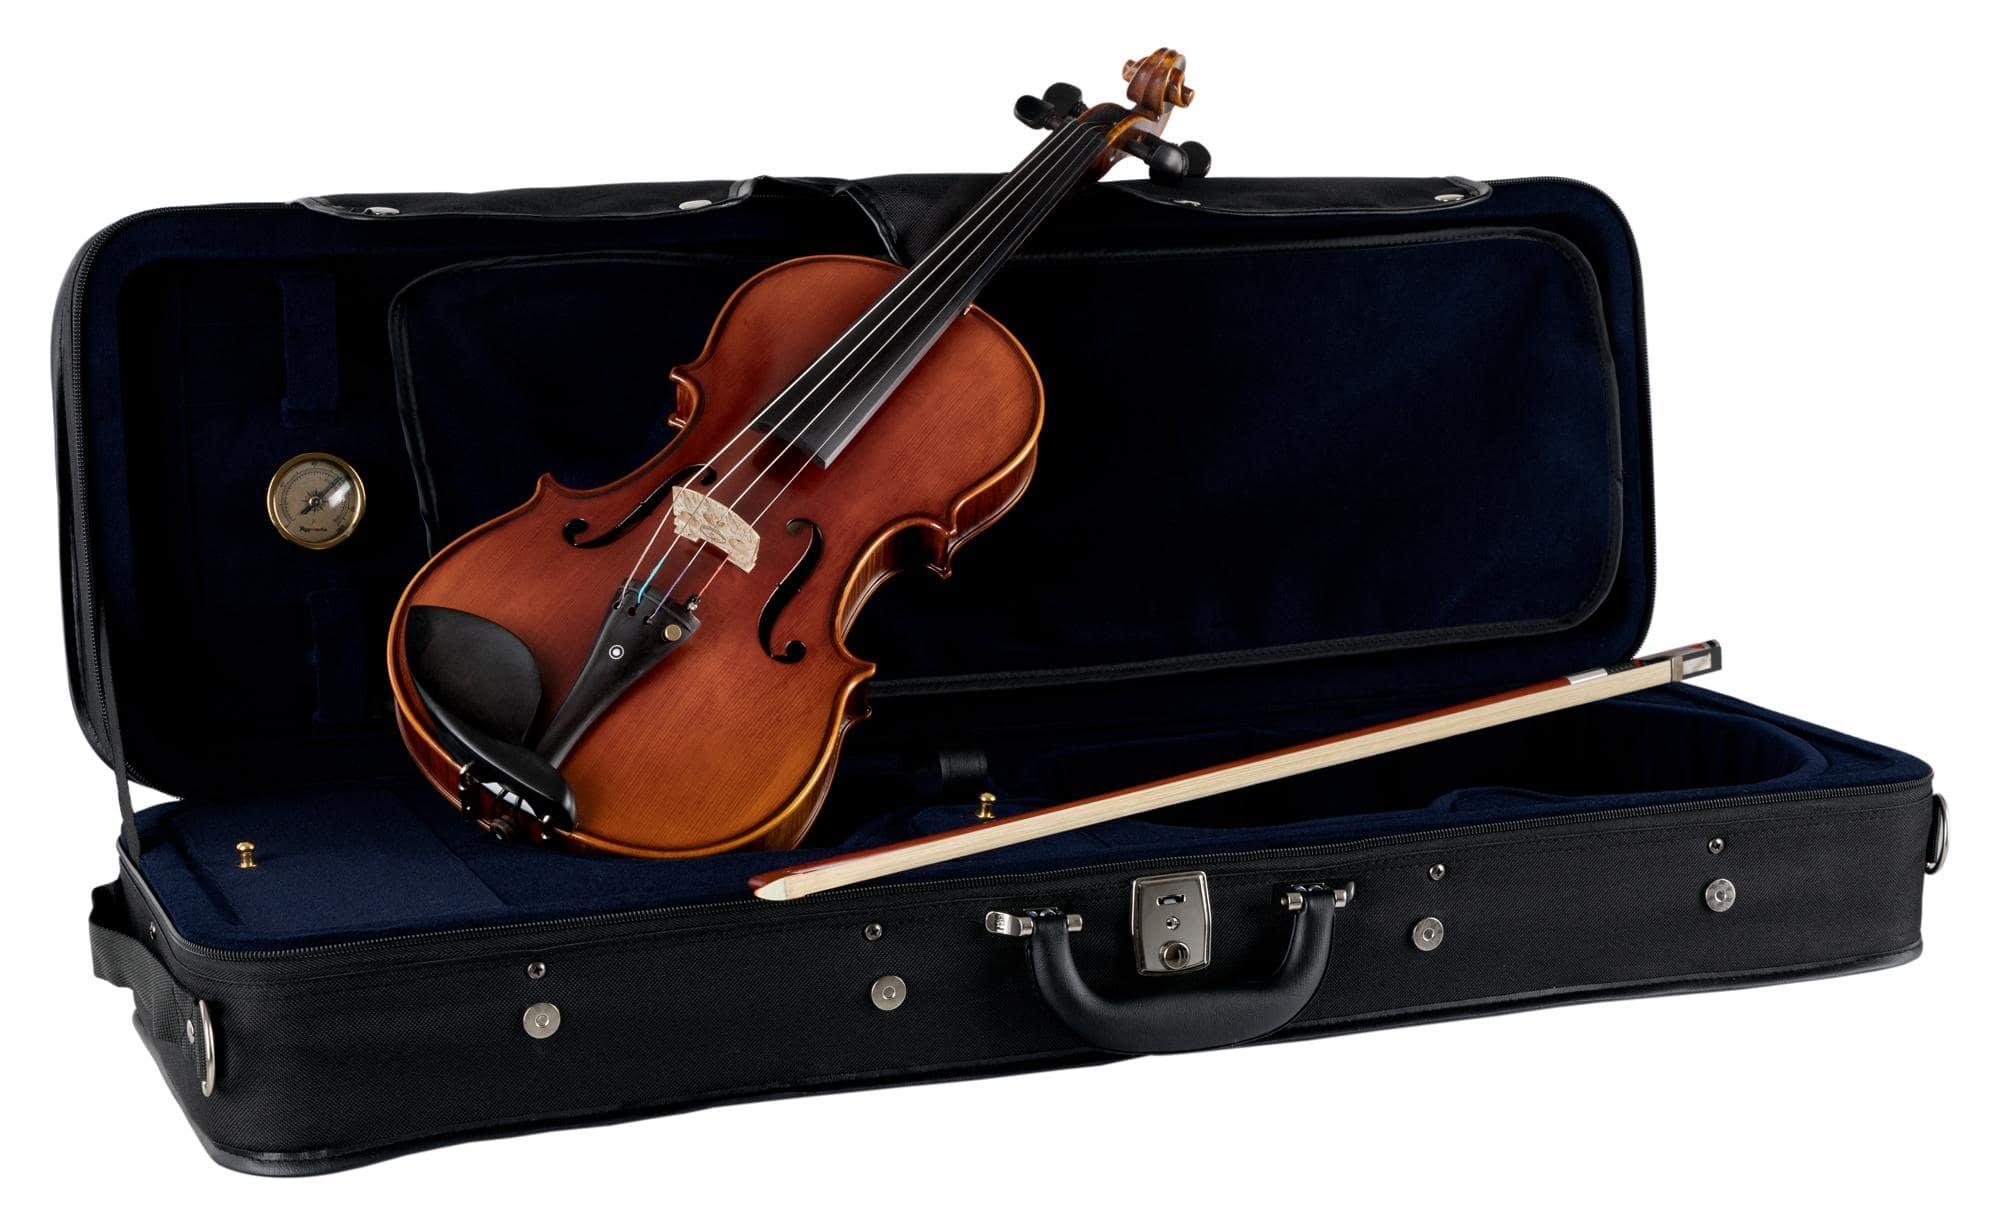 Violinen - Classic Cantabile Brioso Violinenset 3|4 - Onlineshop Musikhaus Kirstein